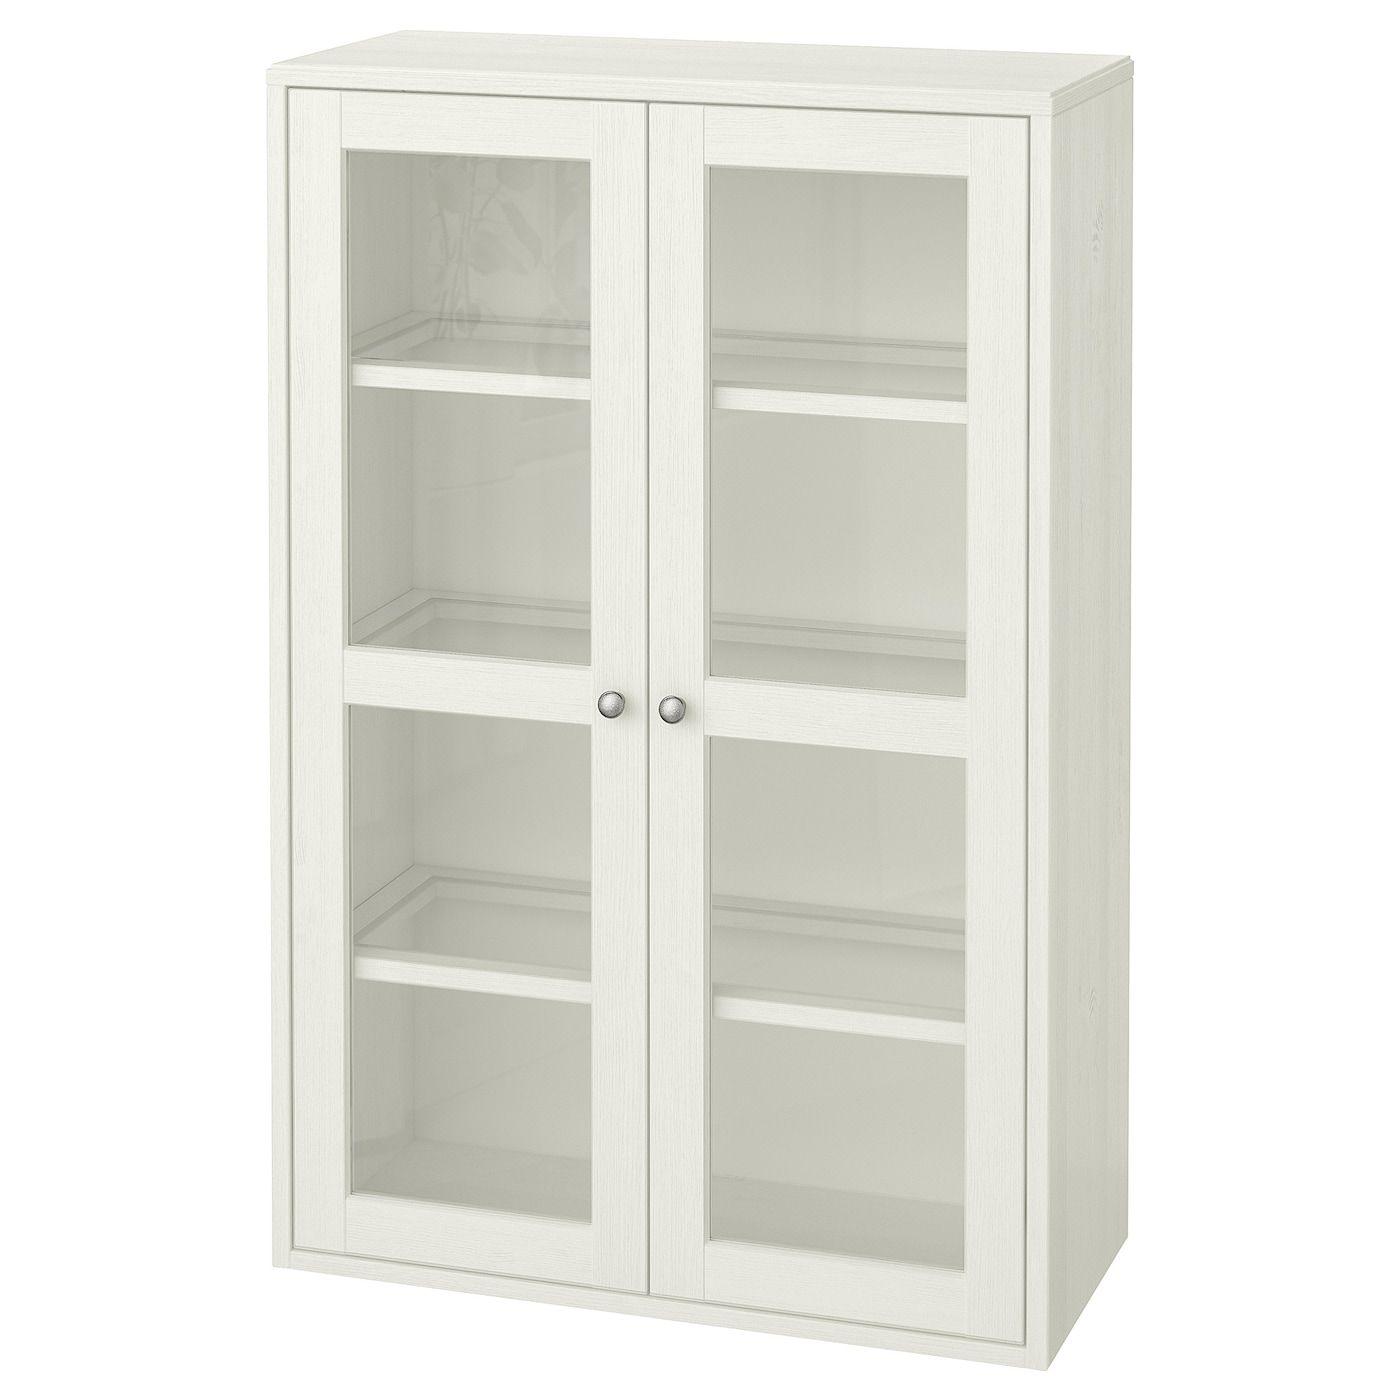 Havsta Glass Door Cabinet White 31 7 8x13 3 4x48 3 8 Ikea In 2020 Glass Cabinet Doors Glass Door Ikea